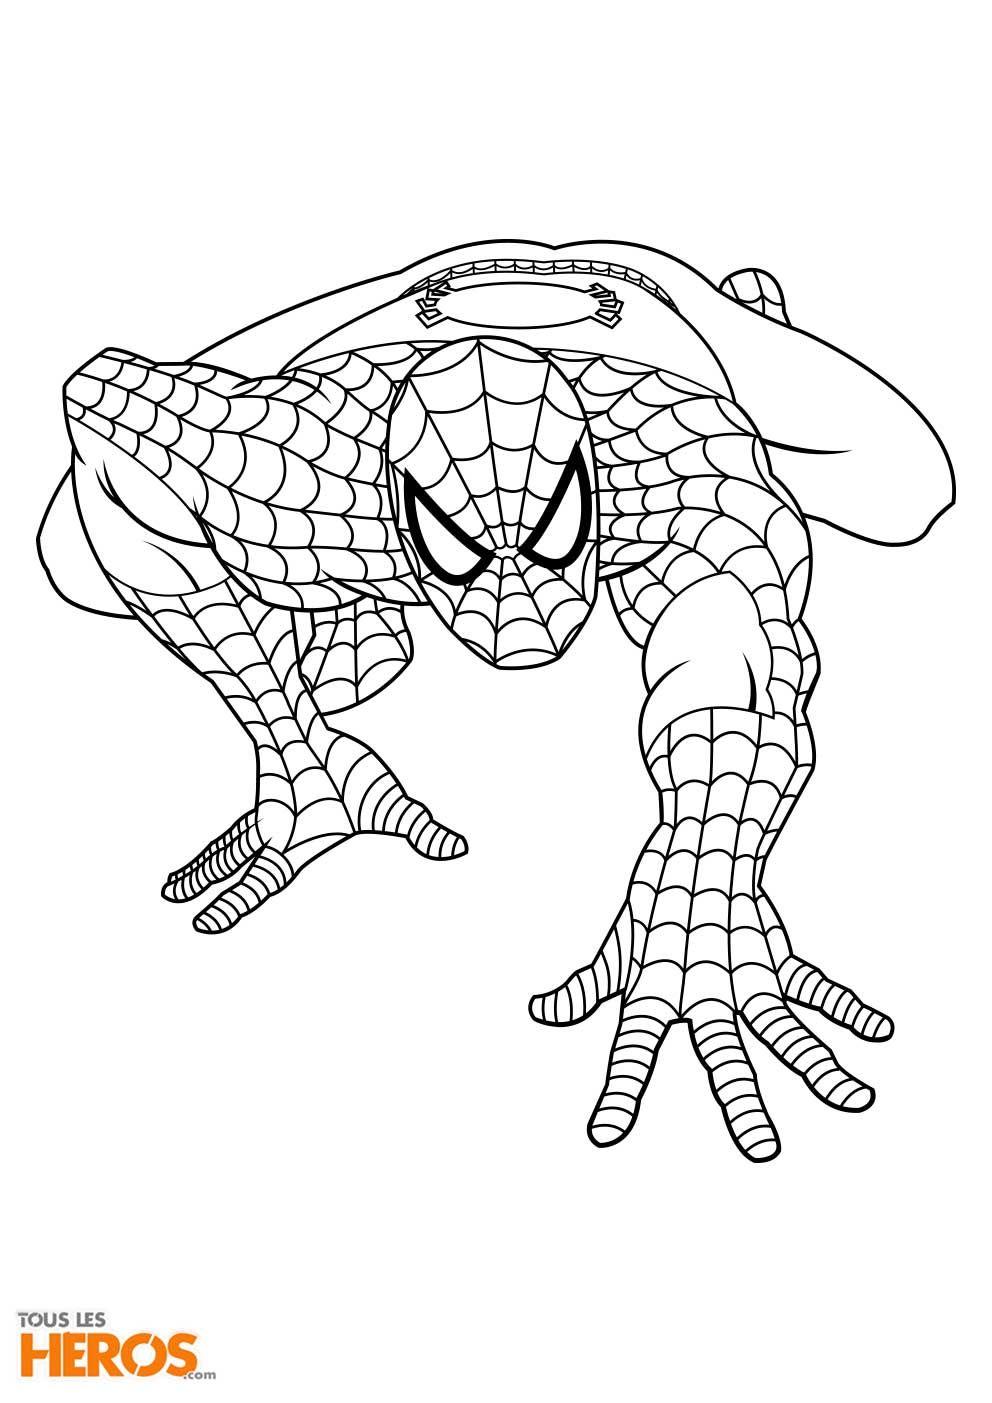 Coloriages spiderman imprimer sur le blog de tlh coloring coloring pages color et spiderman - Coloriage petit spiderman ...